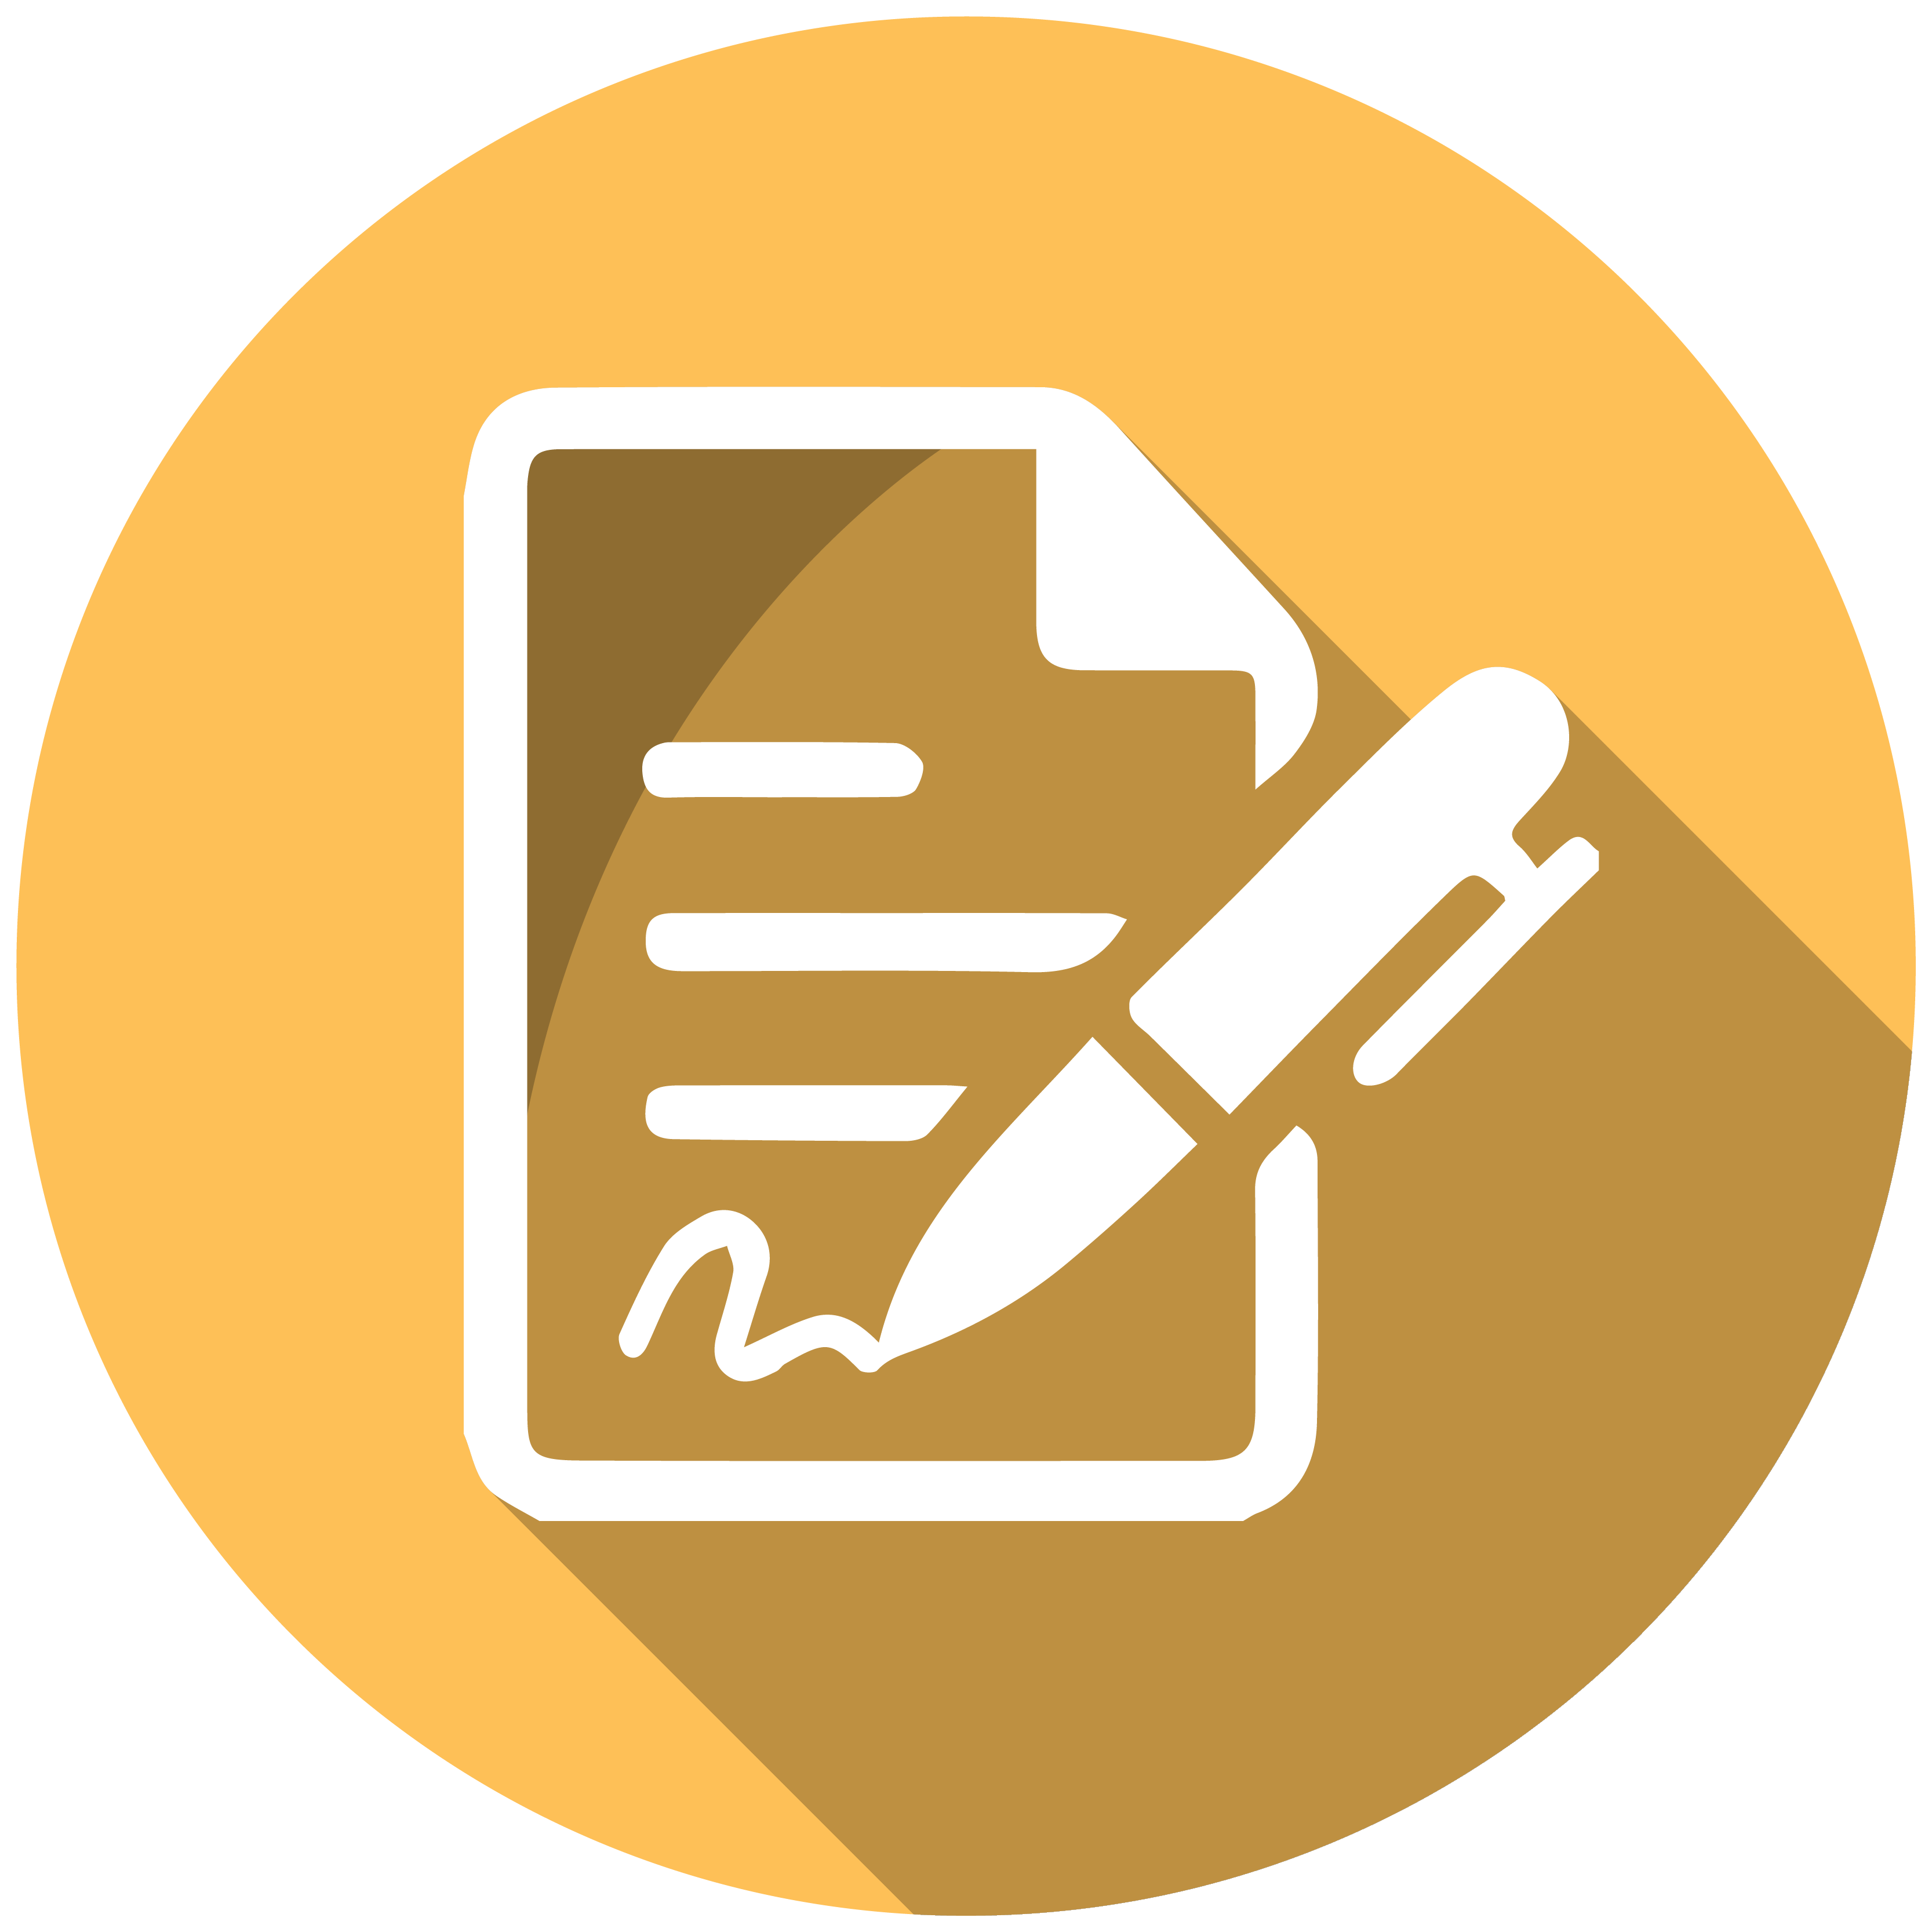 کاملترین فایل بررسی و امکان سنجی استقرار هزینه یابی بر مبنای فعالیت و مقایسه آن با روش سنتی محاسبه بهای تمام شده